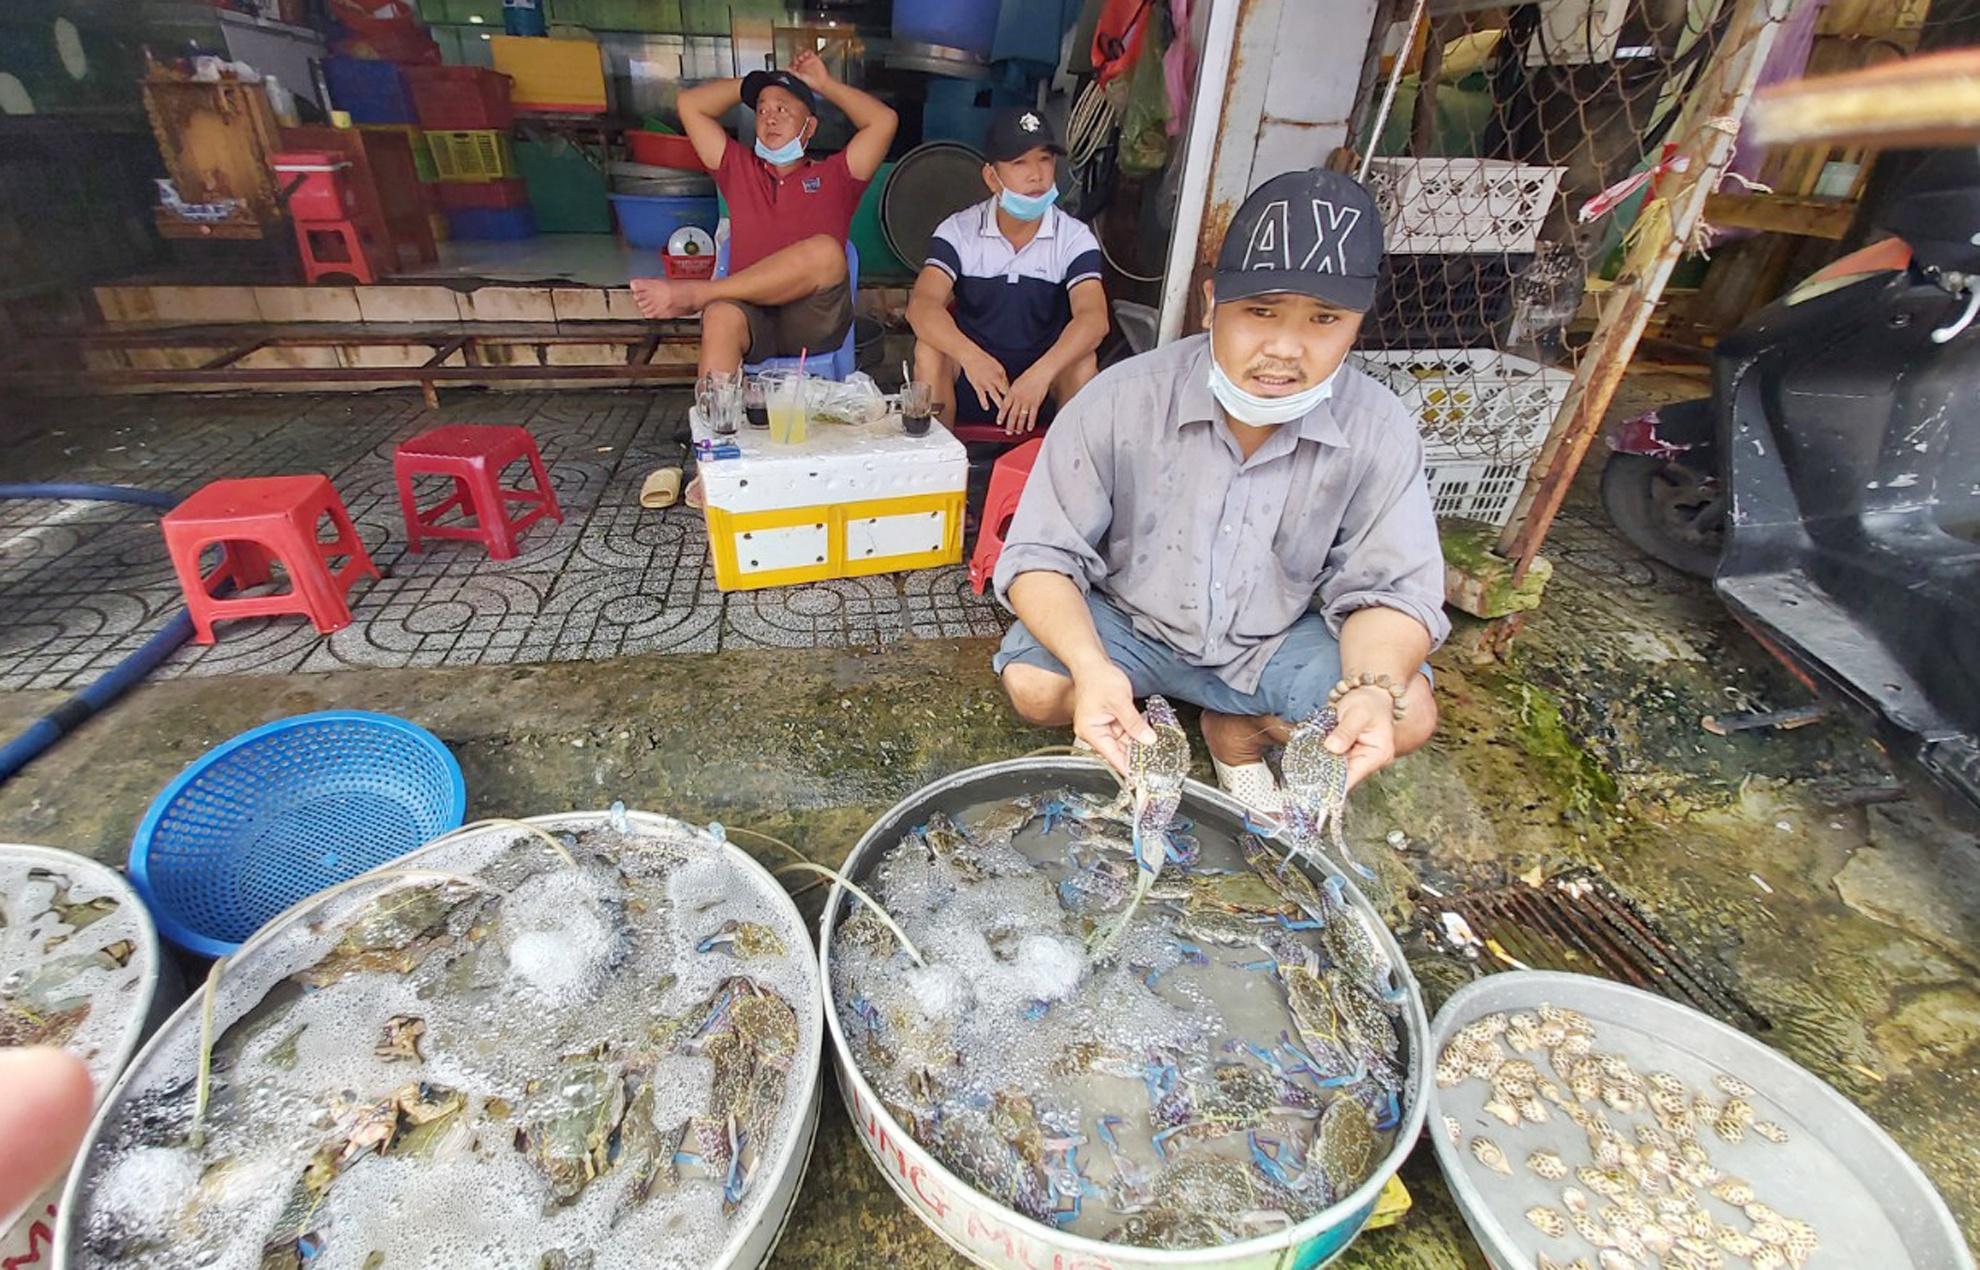 Cho o Phu Quoc vang hoe vi dich benh anh 2  - phu_quoc_1-1 - Xuất hiện nhiều F0, chợ Phú Quốc vắng khách